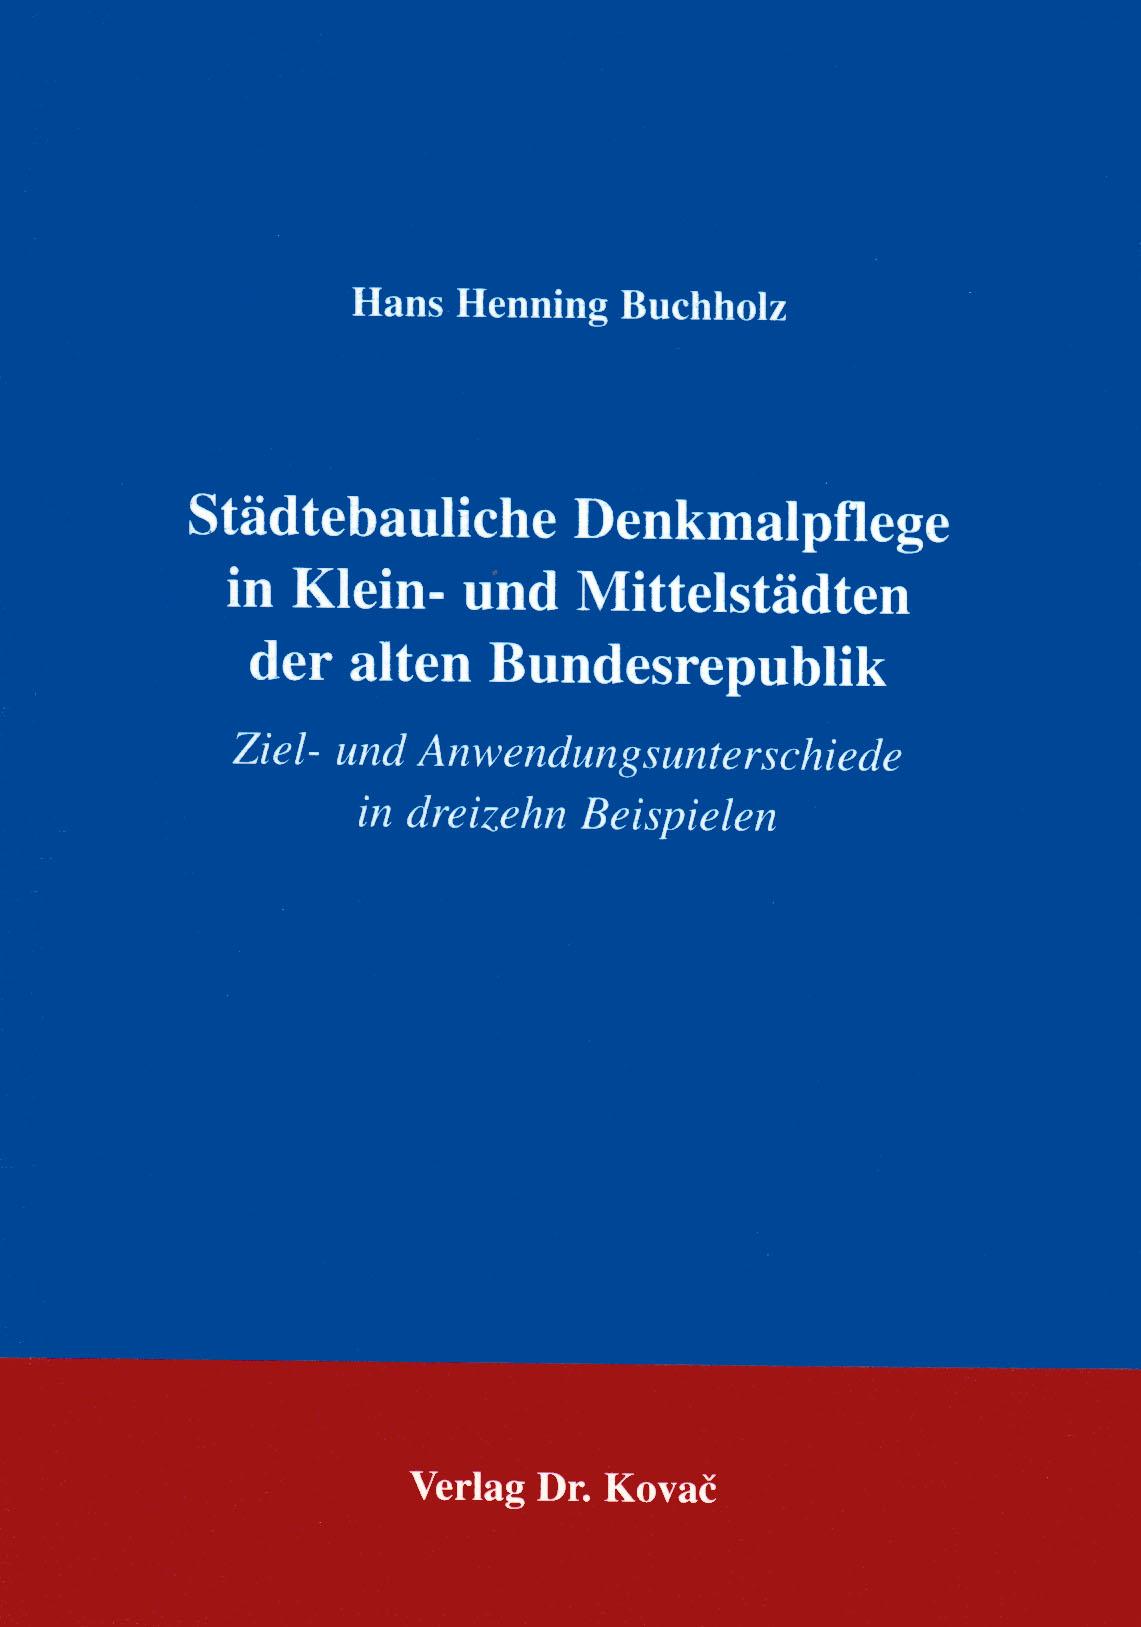 Cover: Städtebauliche Denkmalpflege in Klein- und Mittelstädten in der alten Bundesrepublik